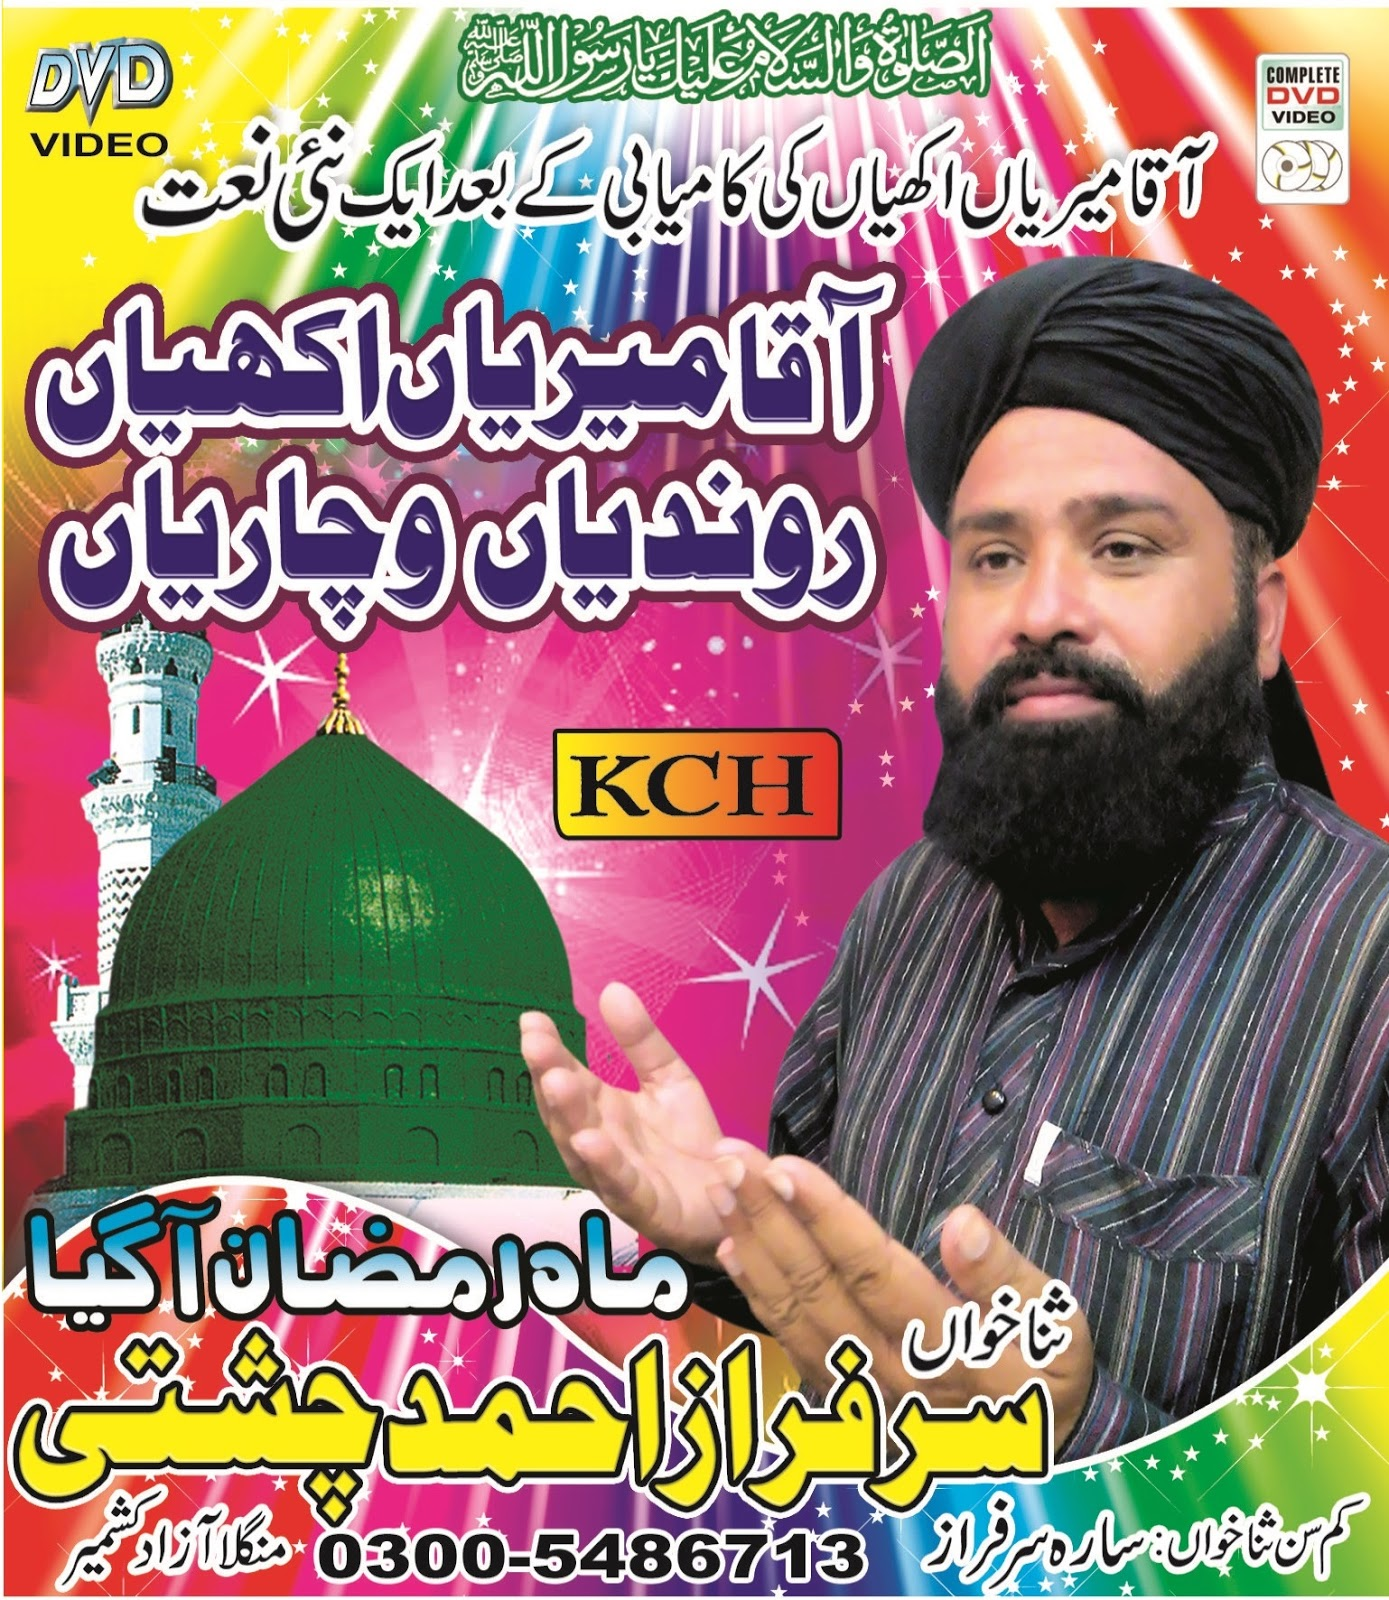 Pak Mp3 free download